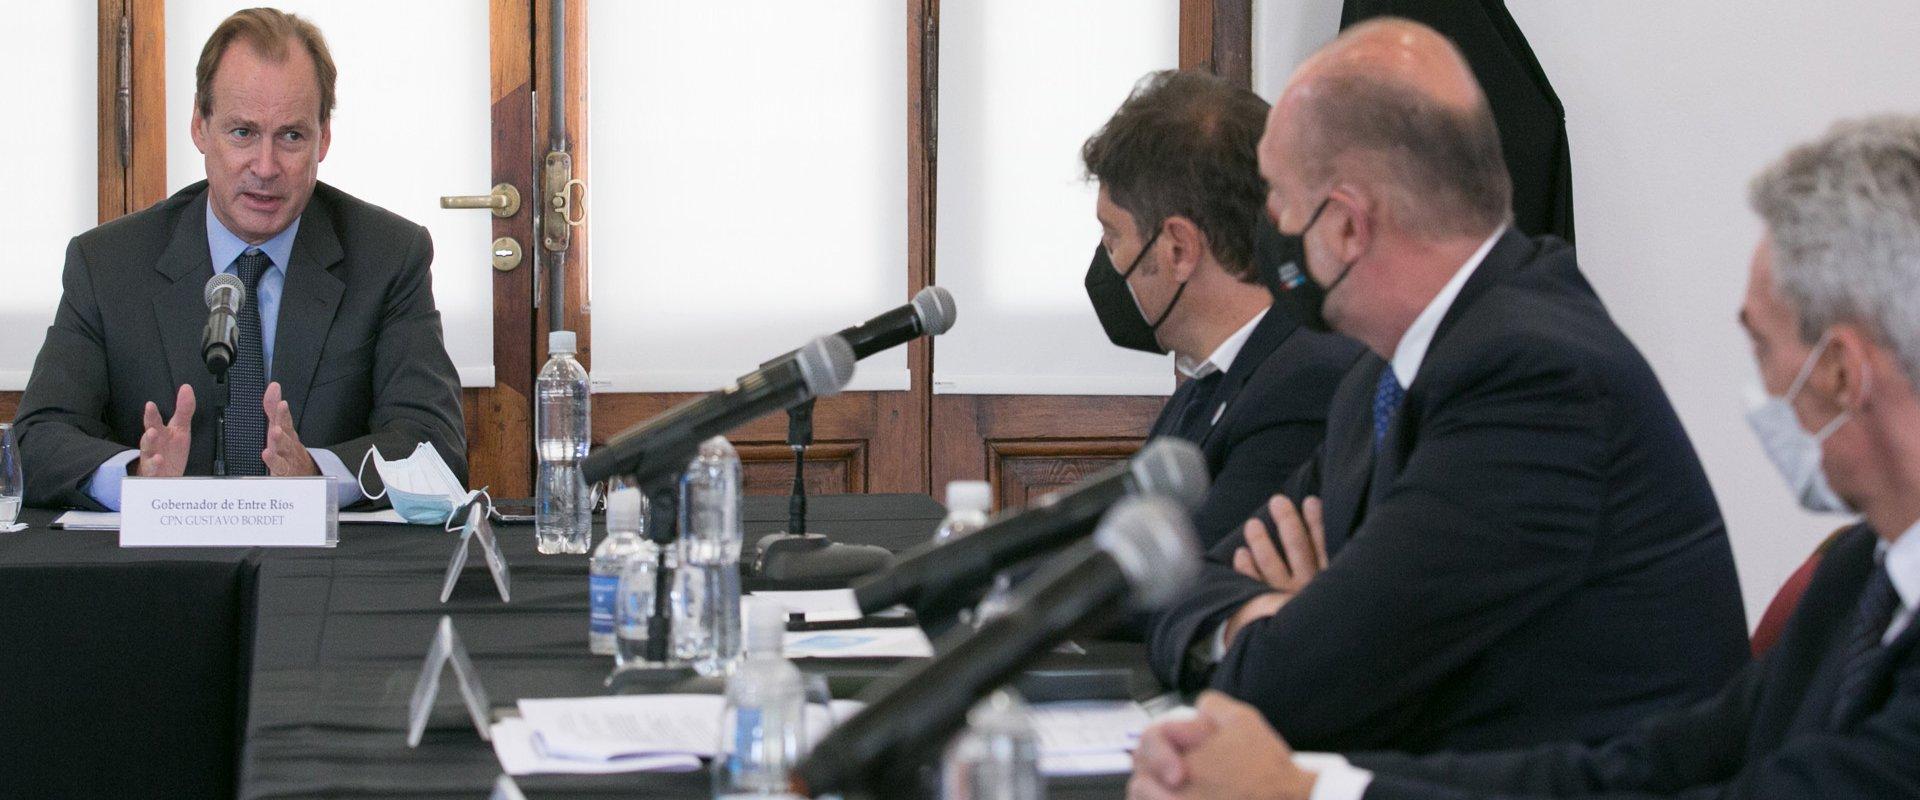 """""""Necesitamos volver a tener buques con bandera argentina en la Hidrovía Paraná Paraguay"""", afirmó Bordet"""